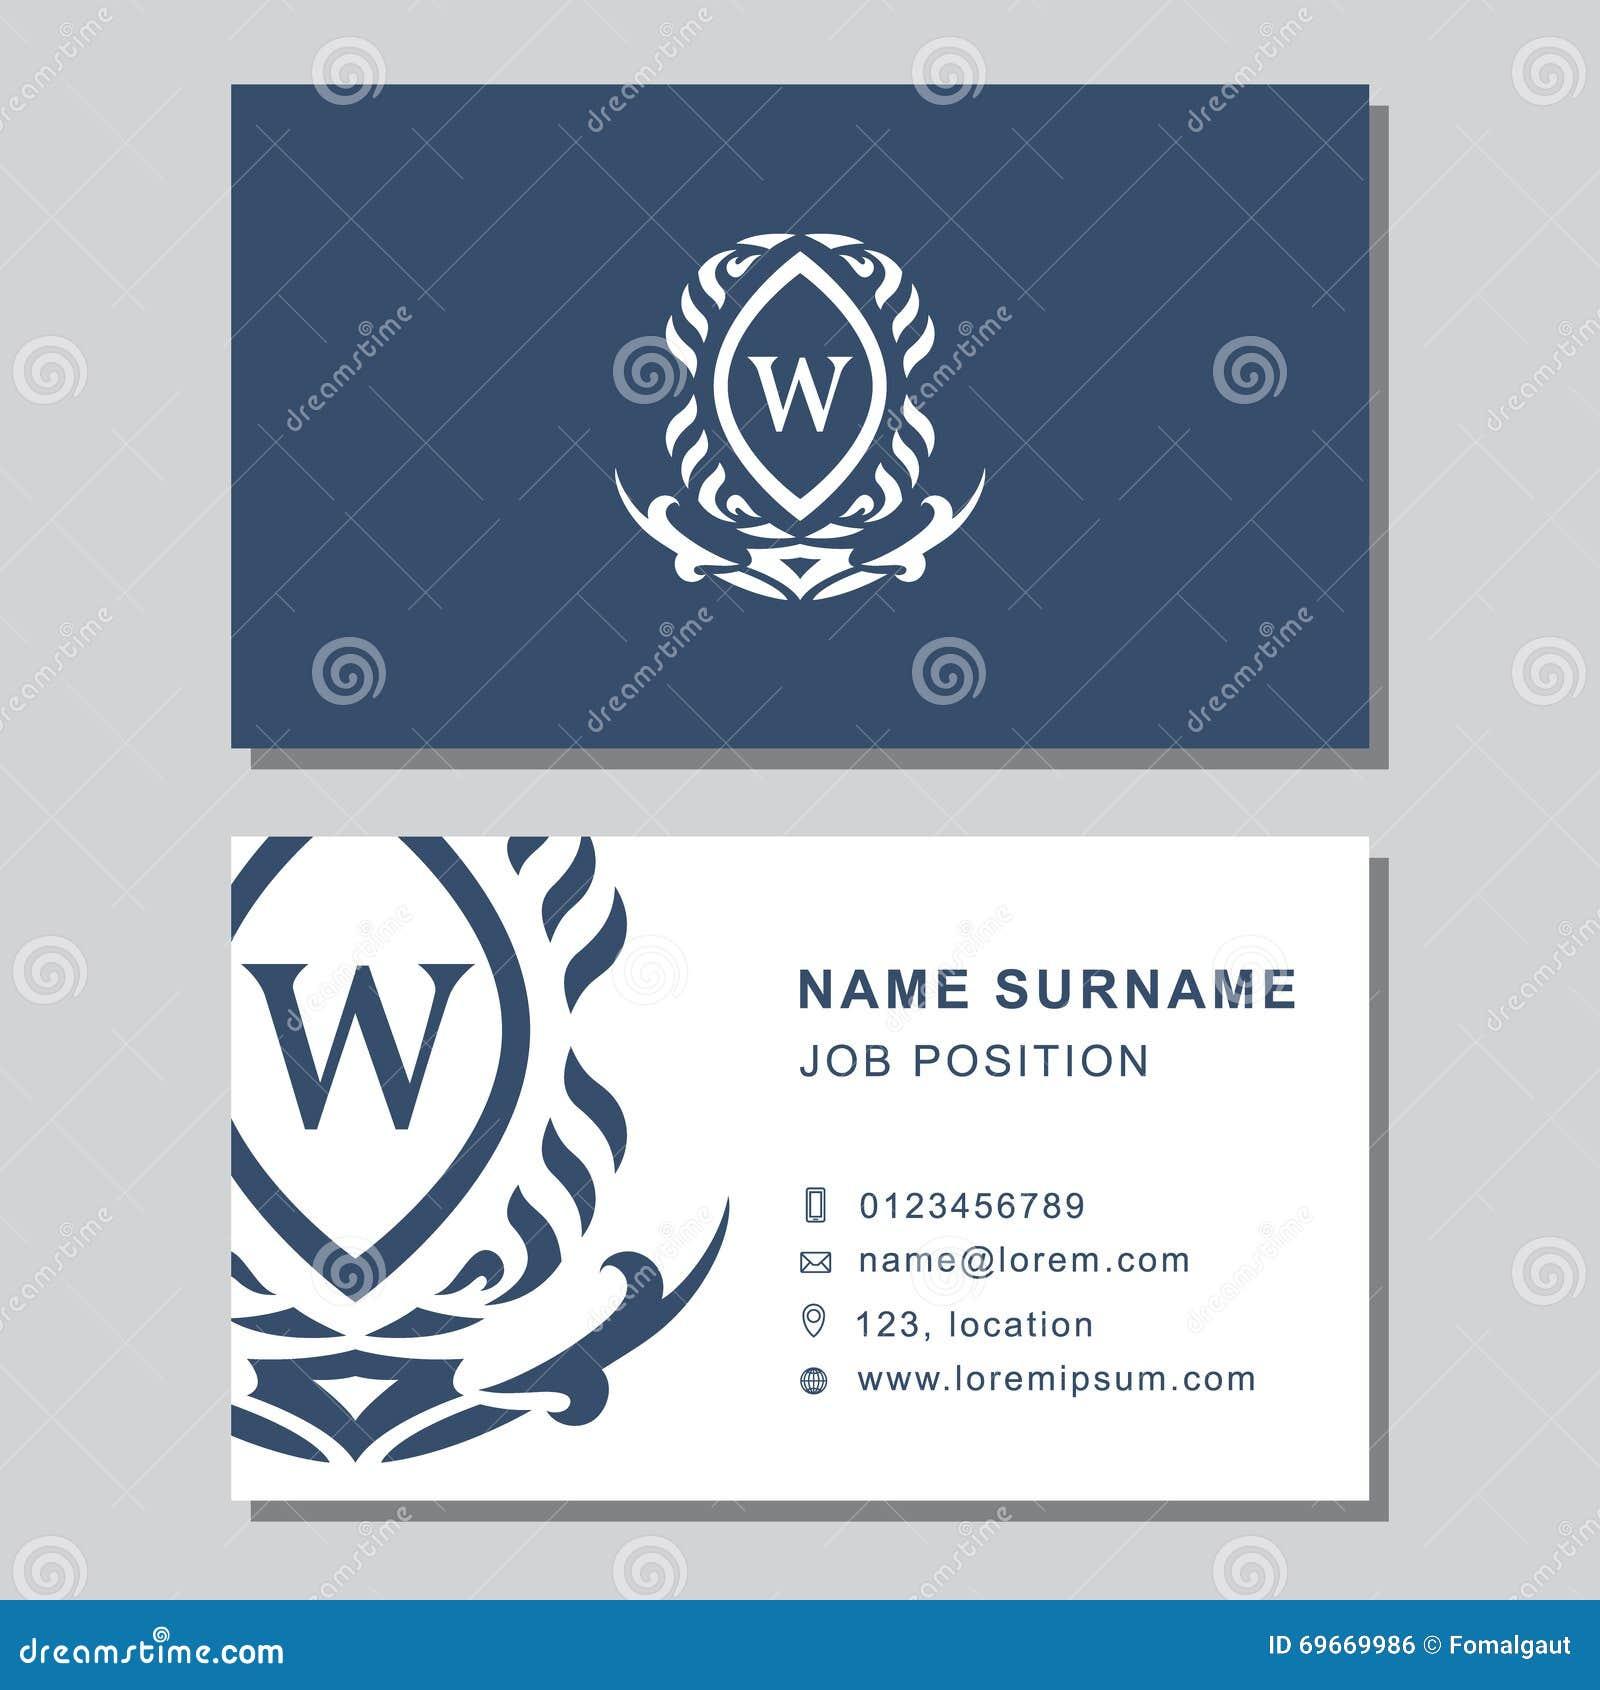 Plantilla de la tarjeta de visita con los elementos abstractos del diseño del monograma